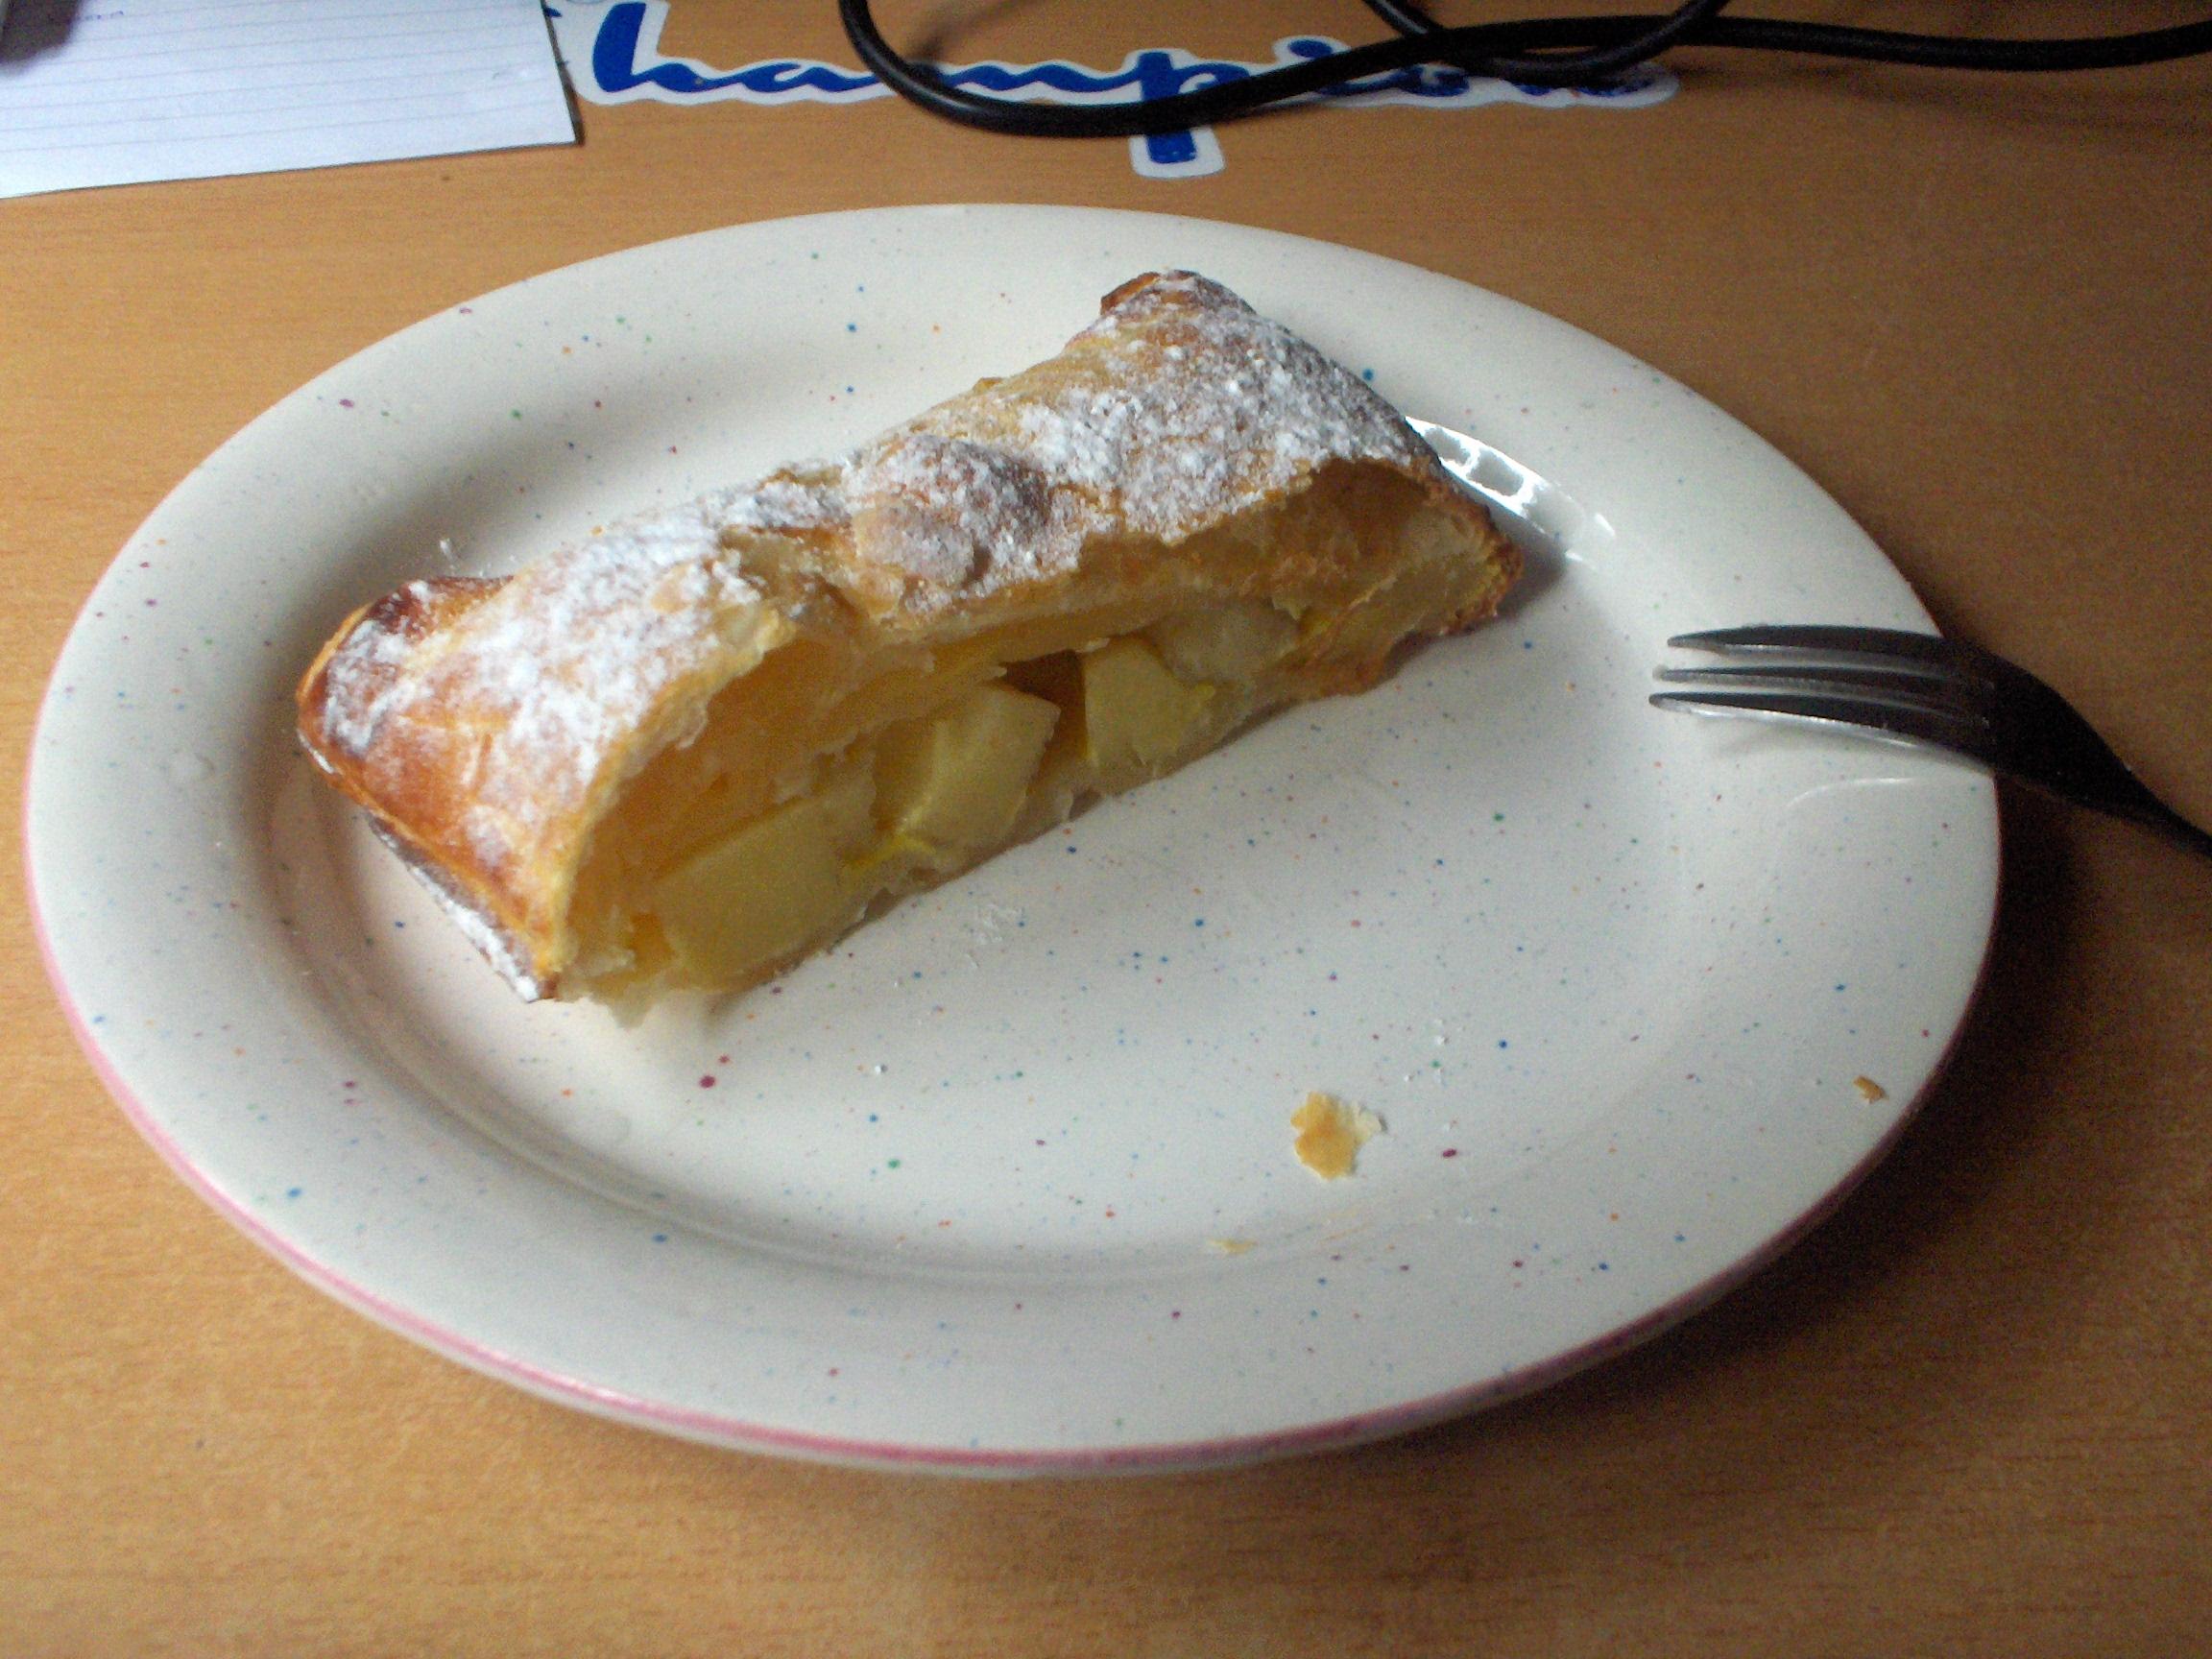 https://foodloader.net/s3Rax_2008-01-27_Kuchen-ergebnis.jpg